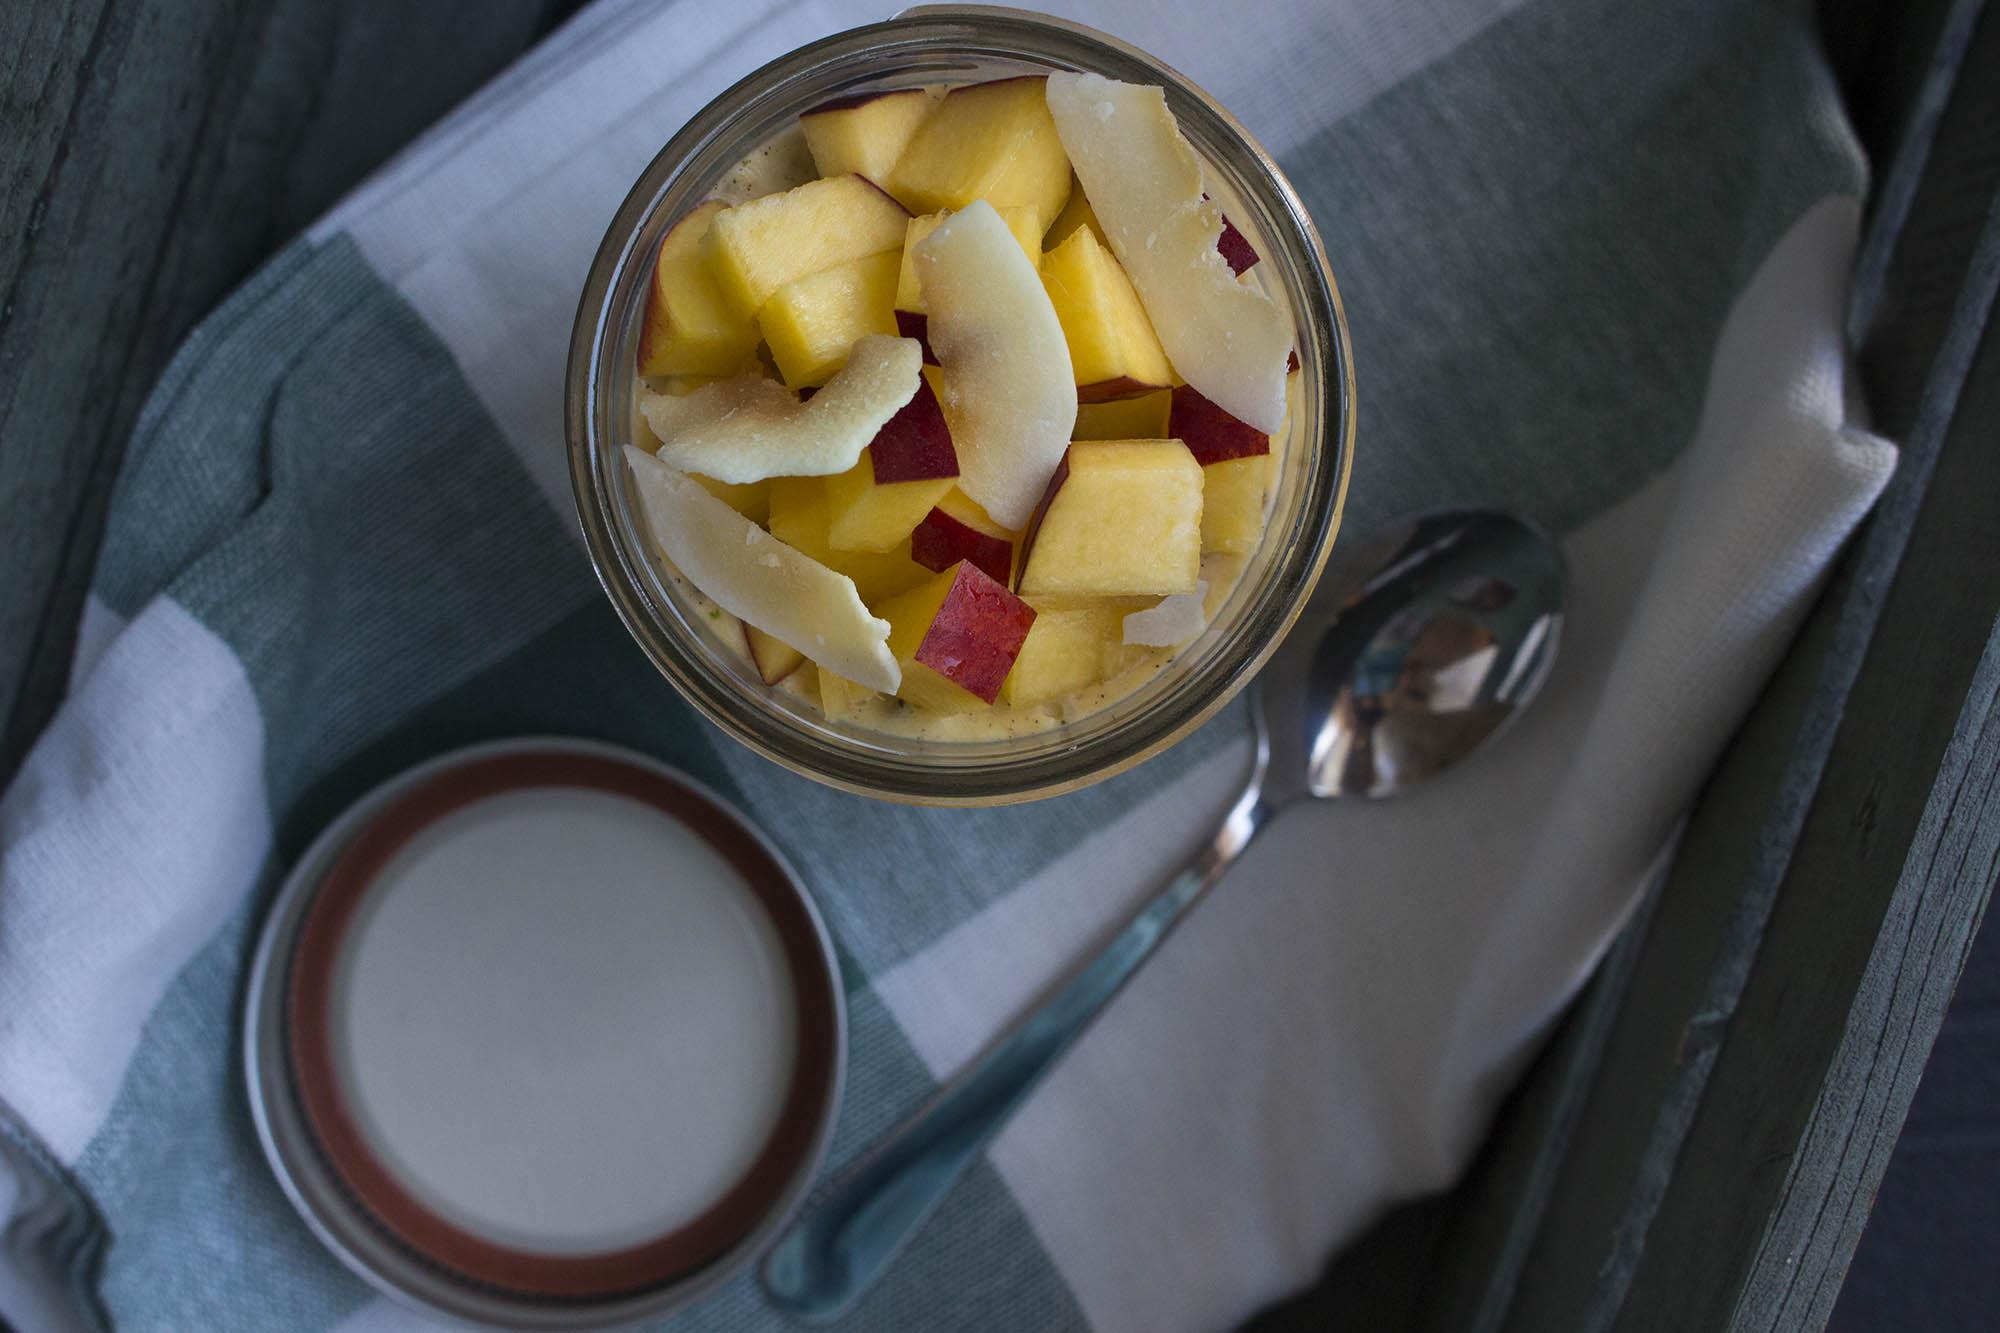 Chiagrød med melon og kokos